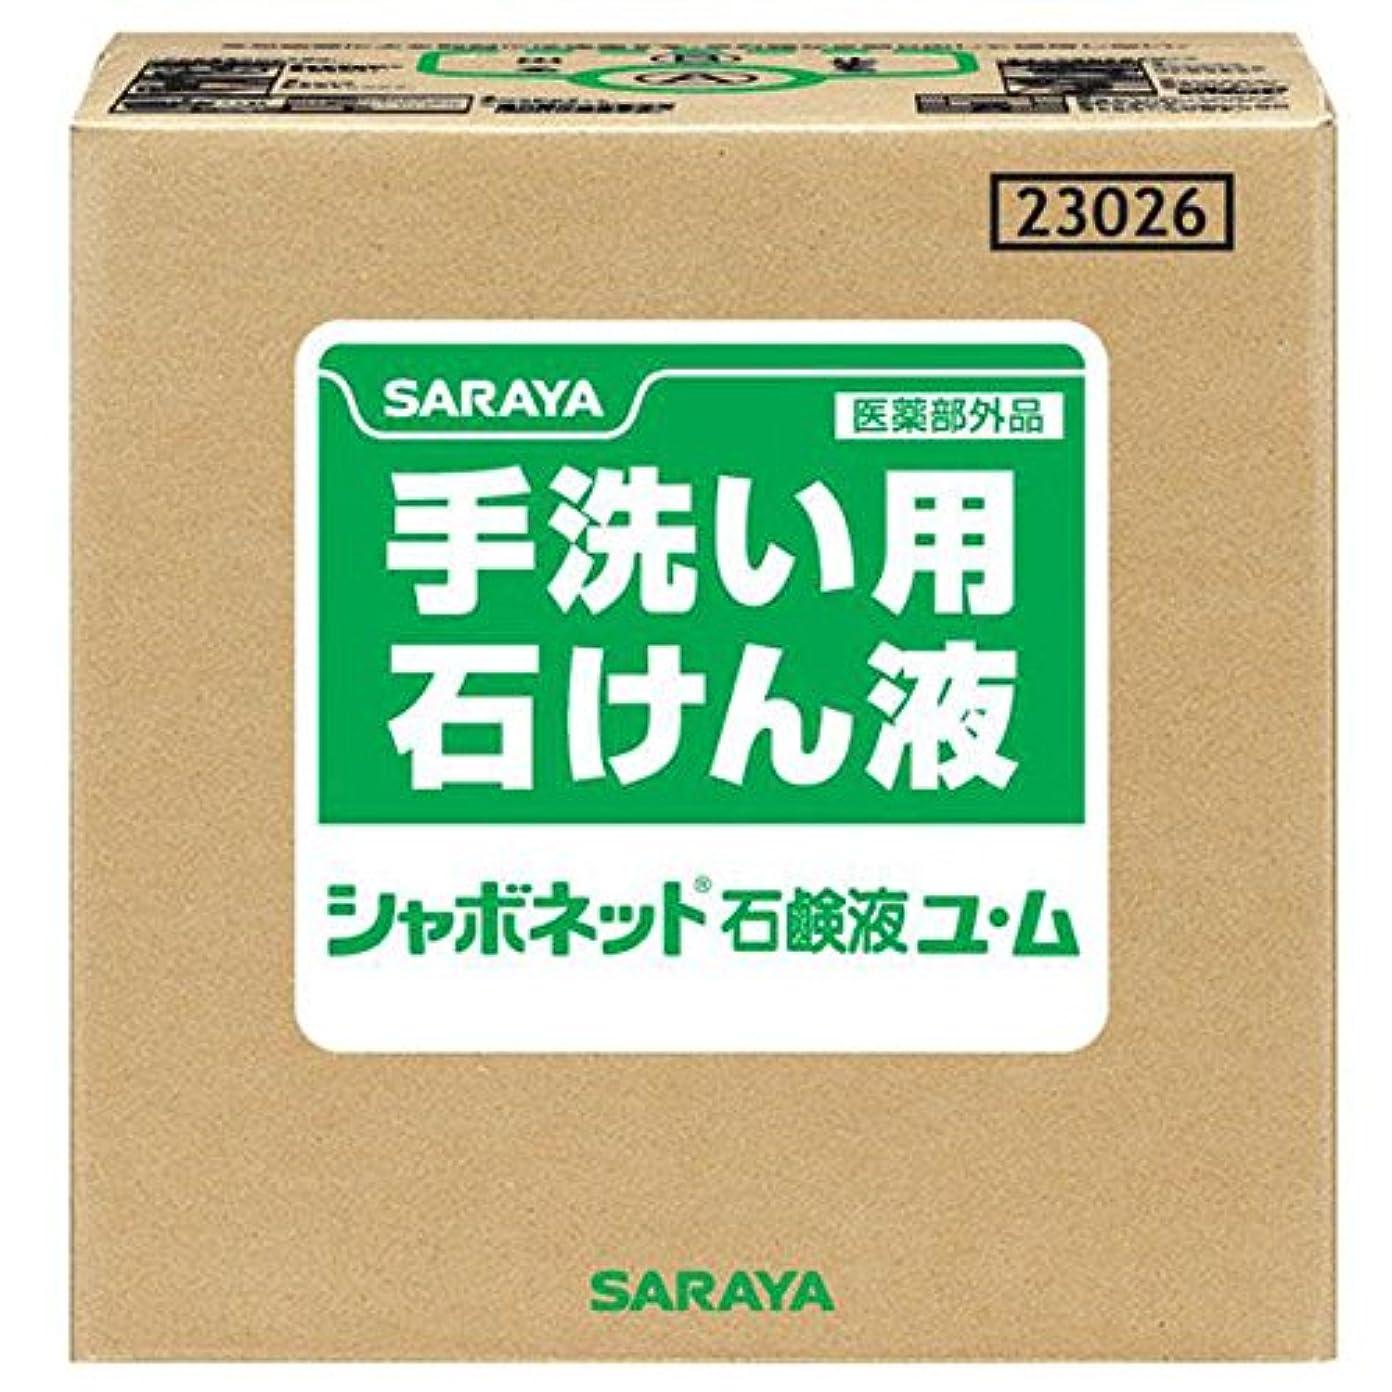 入手します難しい分岐するサラヤ シャボネット 石鹸液ユ?ム 20kg×1箱 BIB